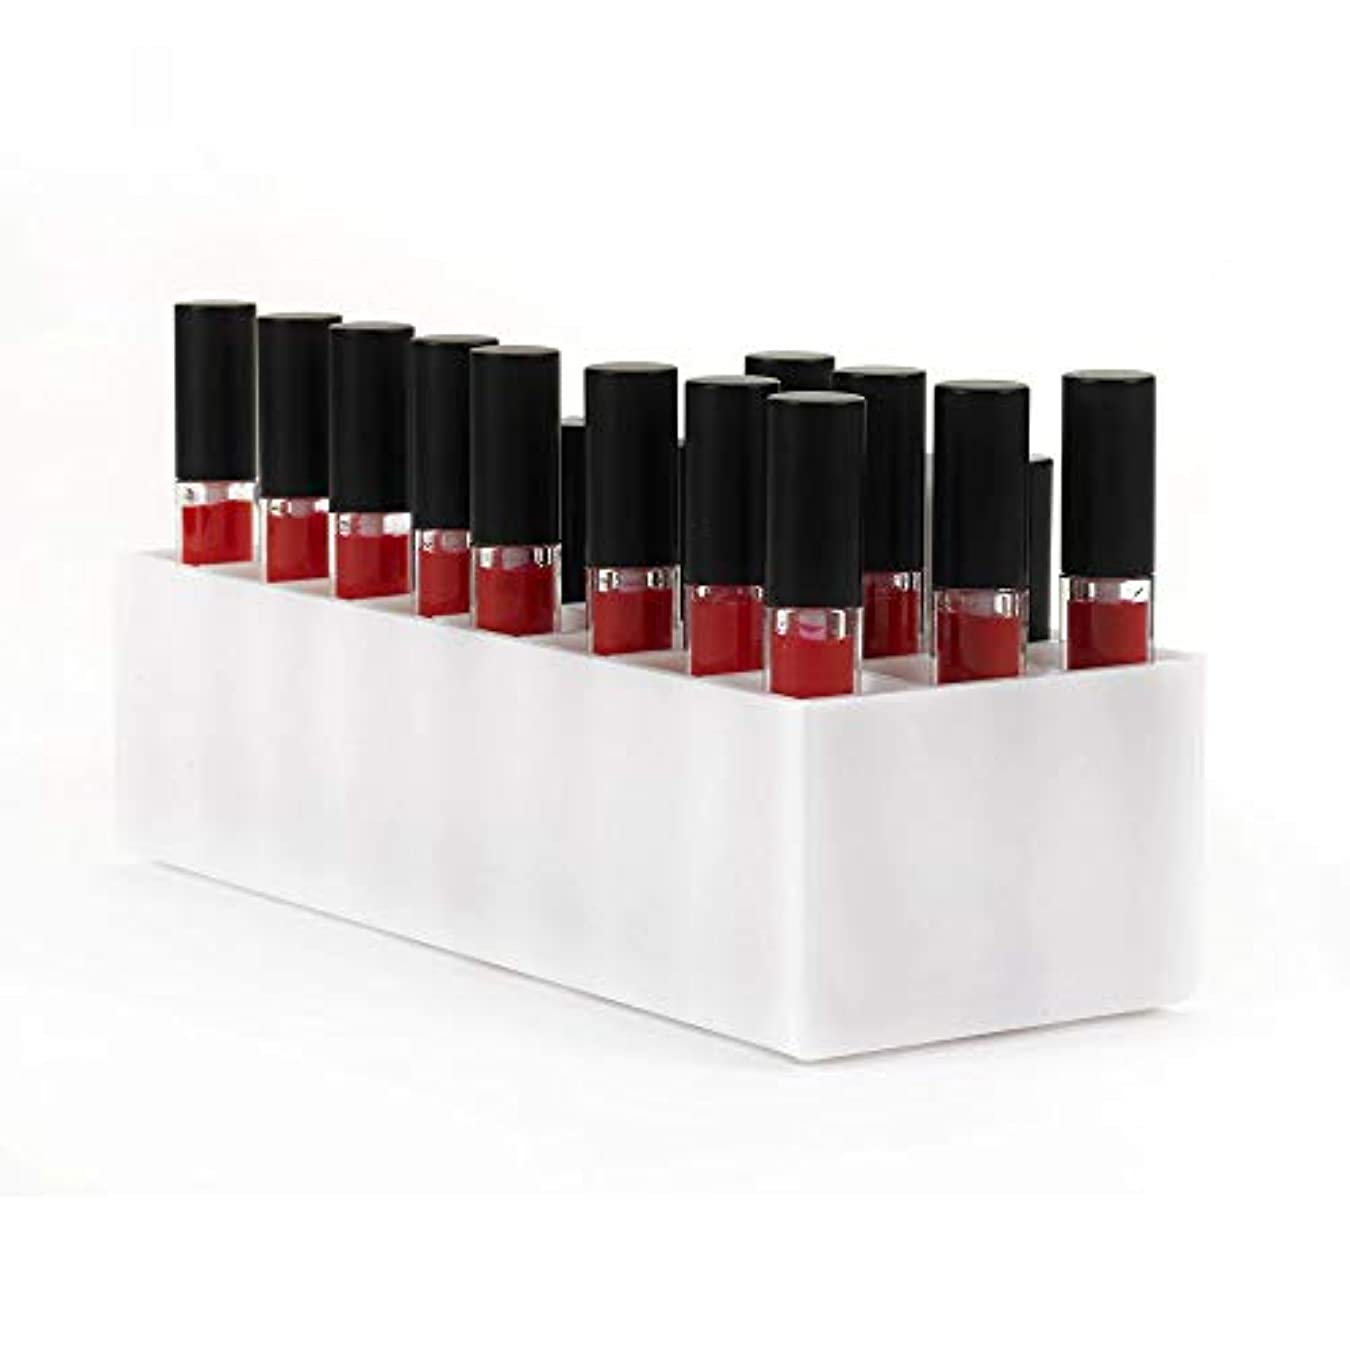 みぞれ半ばパノラマアクリルリップケース口紅ホルダー リップスティック収納 コスメ収納スタンド 化粧品コレクション 口紅収納ケース リップスティックスタンド リップスティック ホルダー (24, 白)